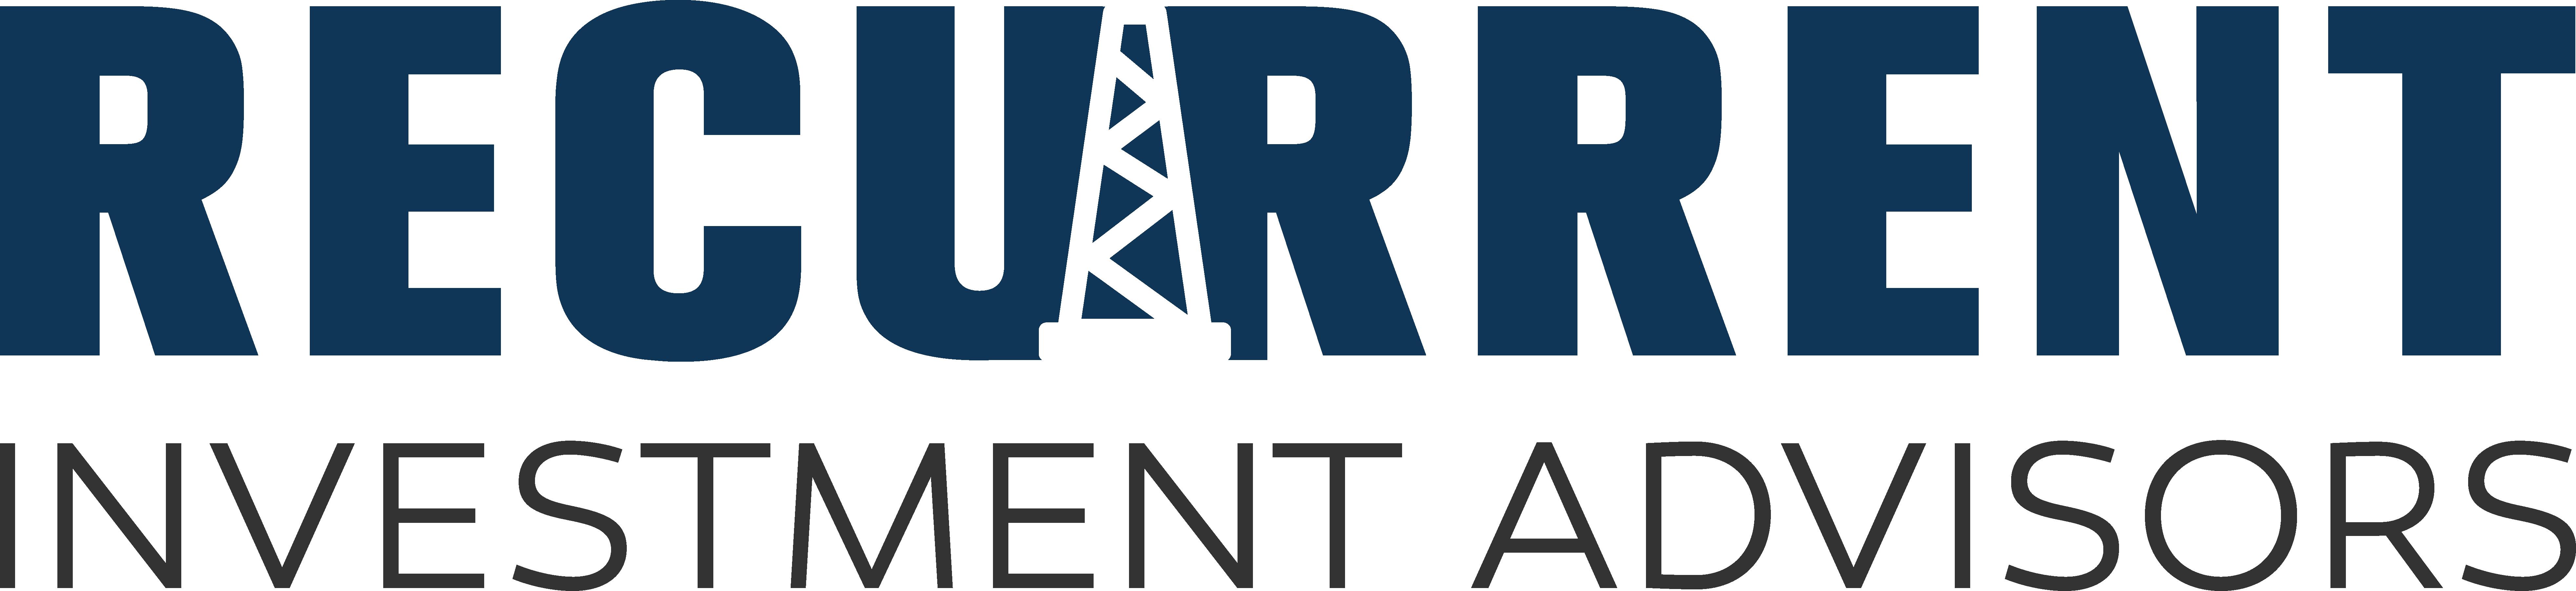 Recurrent Investment Advisors